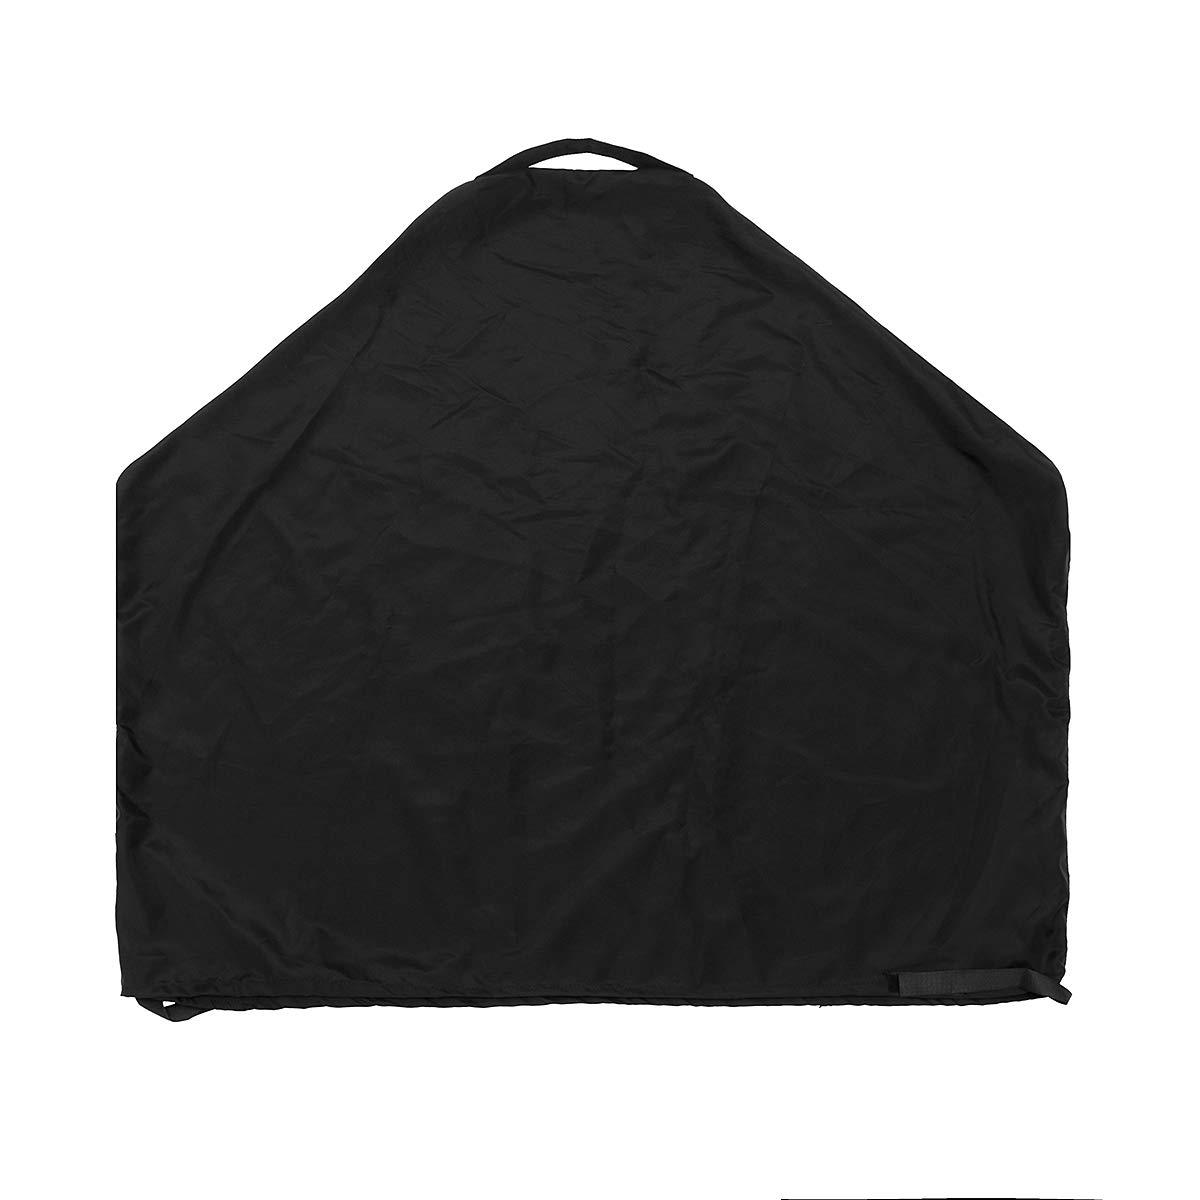 ExcLent Cubierta De Caldera Impermeable Negra Parrilla De Carbón De Gas Protector De Bolsa De Almacenamiento De Protección Al Aire Libre